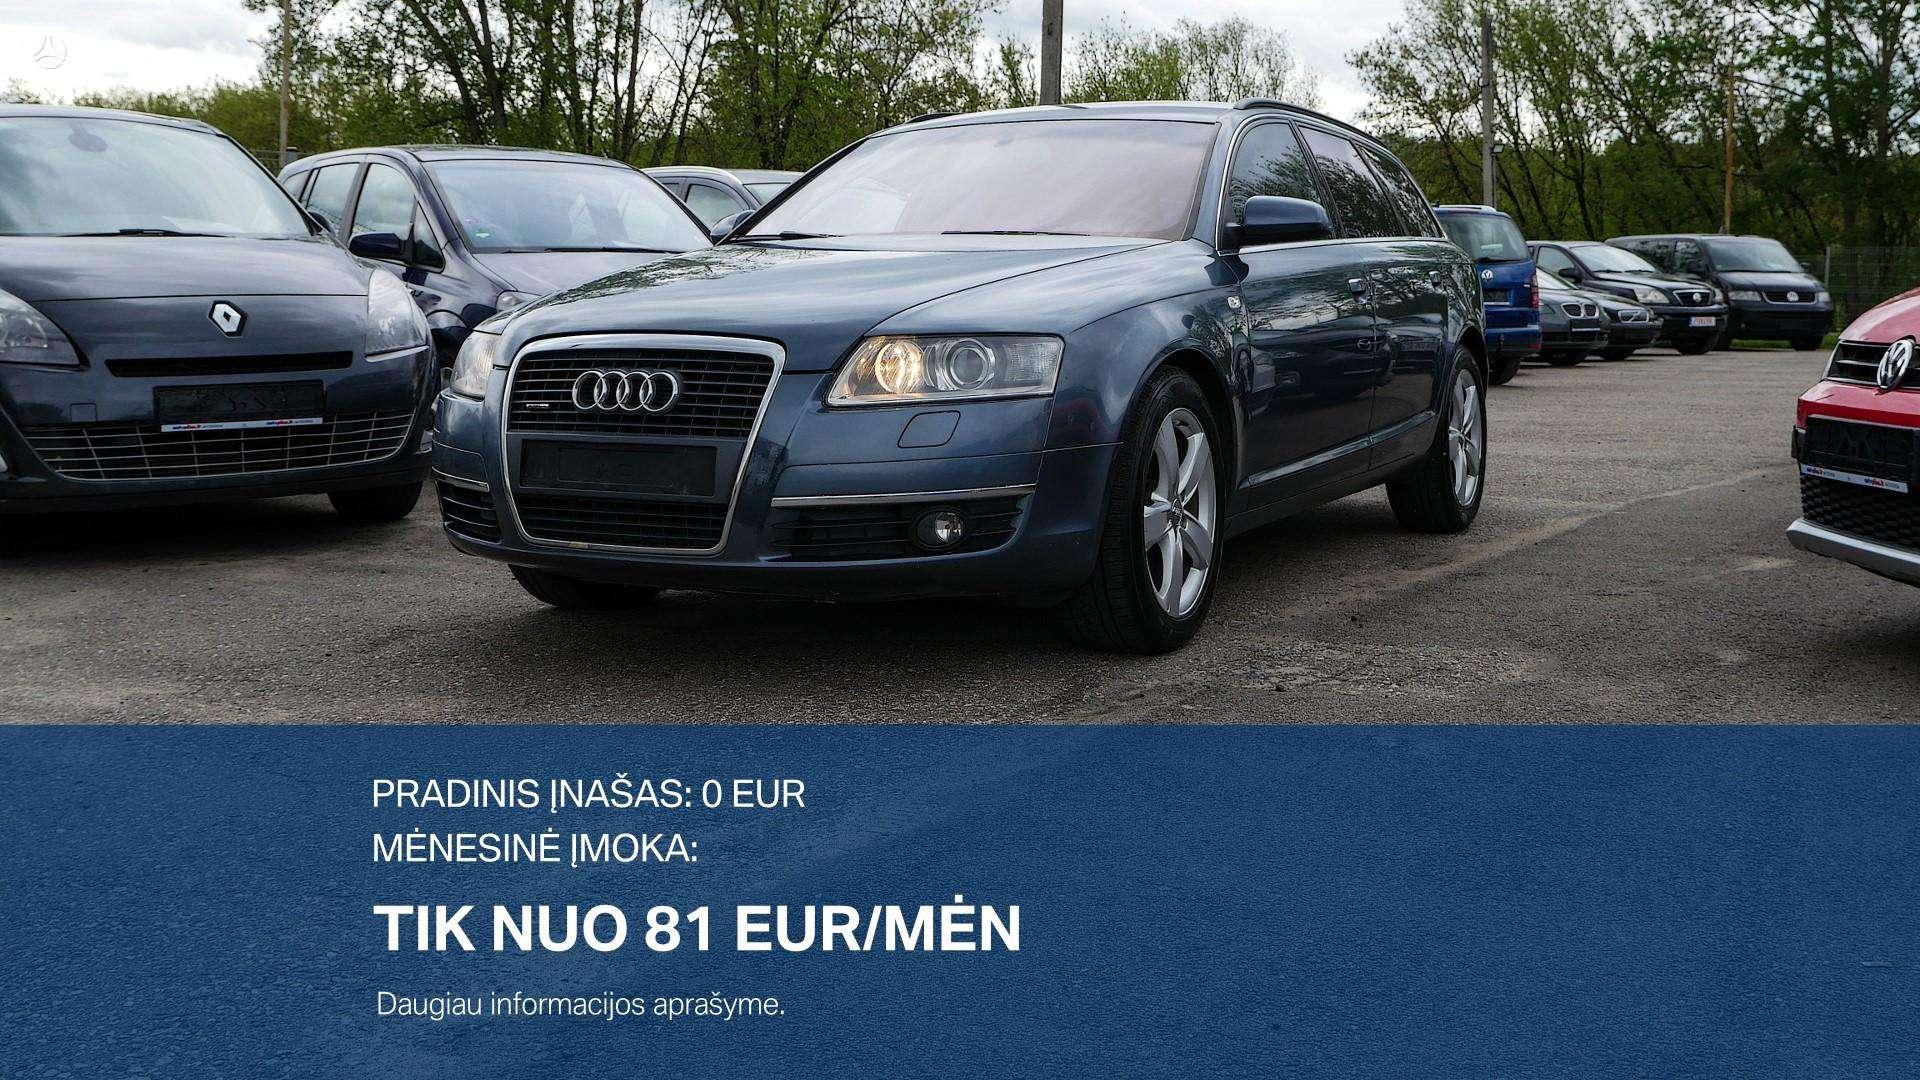 Audi A6 išsimokėtinai nuo 81Eur/Mėn ir su 3 mėnesių garantija